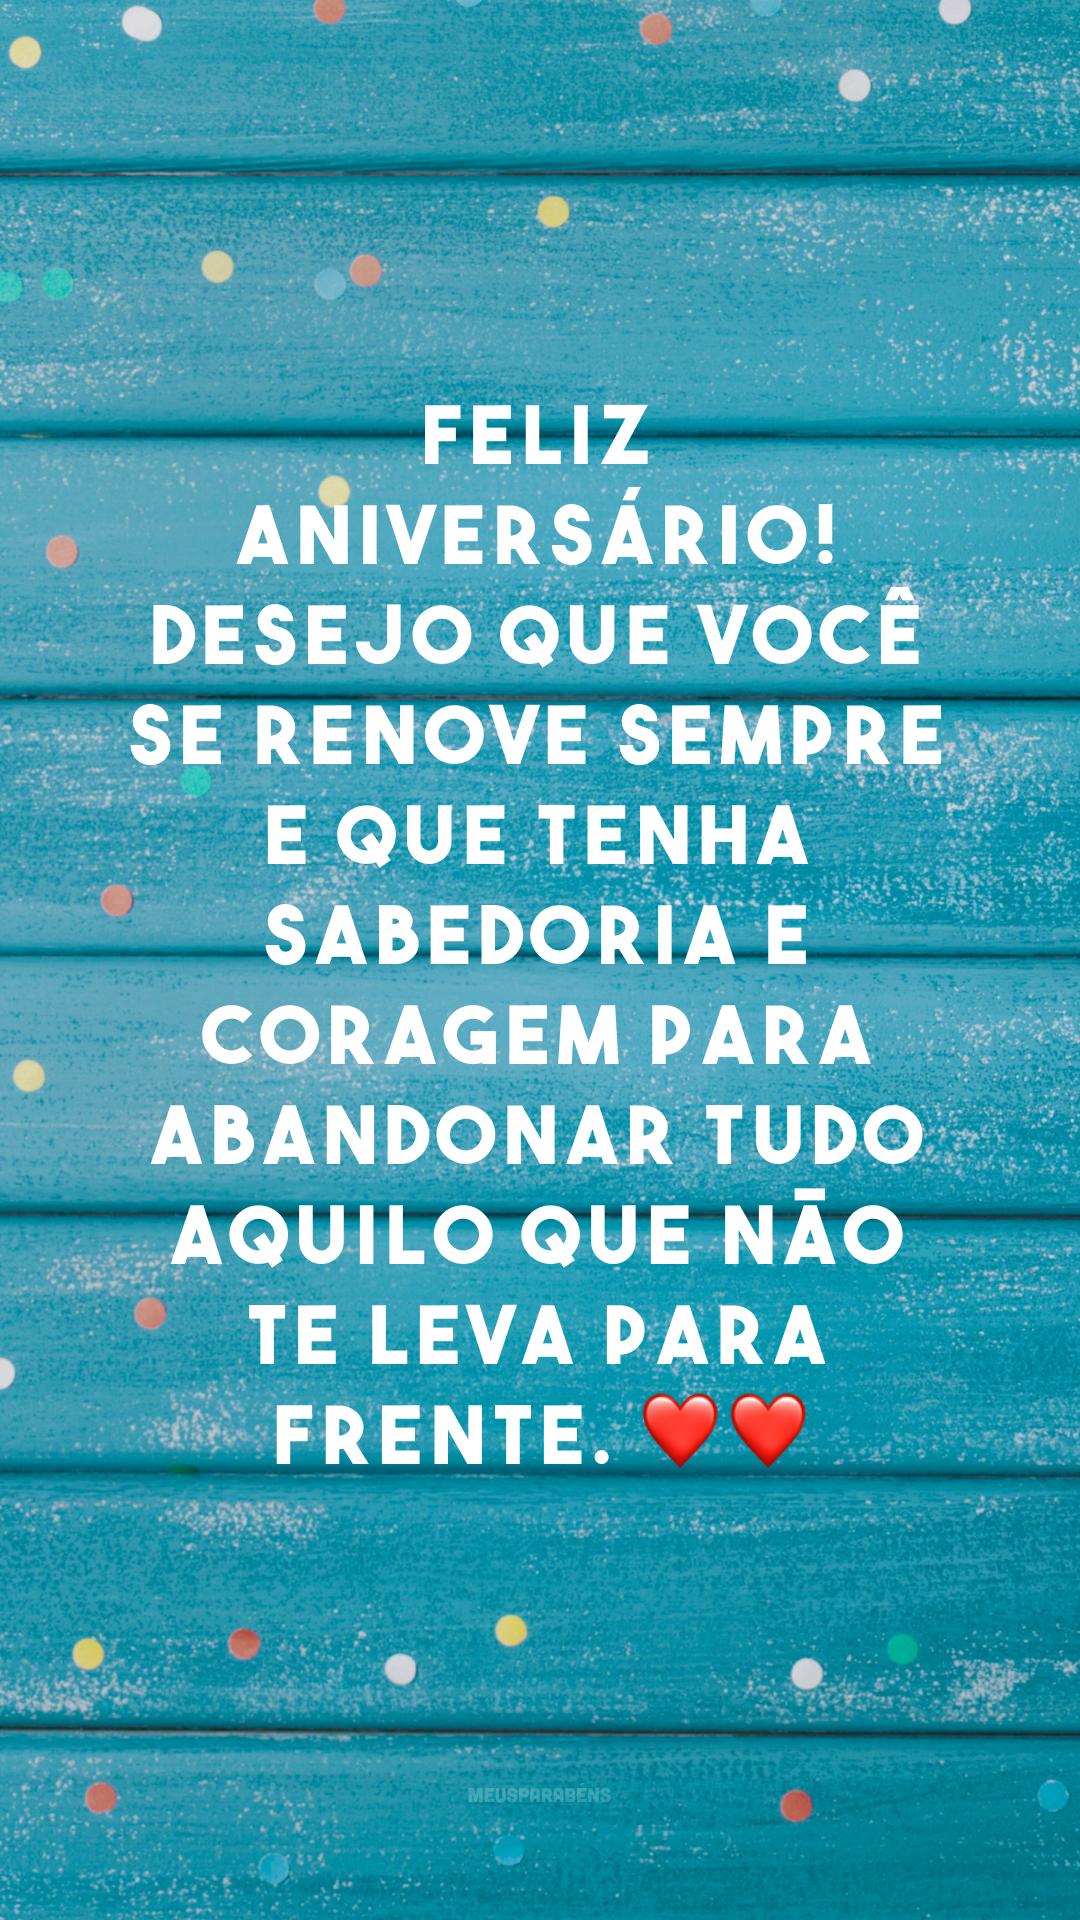 Feliz aniversário! Desejo que você se renove sempre e que tenha sabedoria e coragem para abandonar tudo aquilo que não te leva para frente. ❤❤